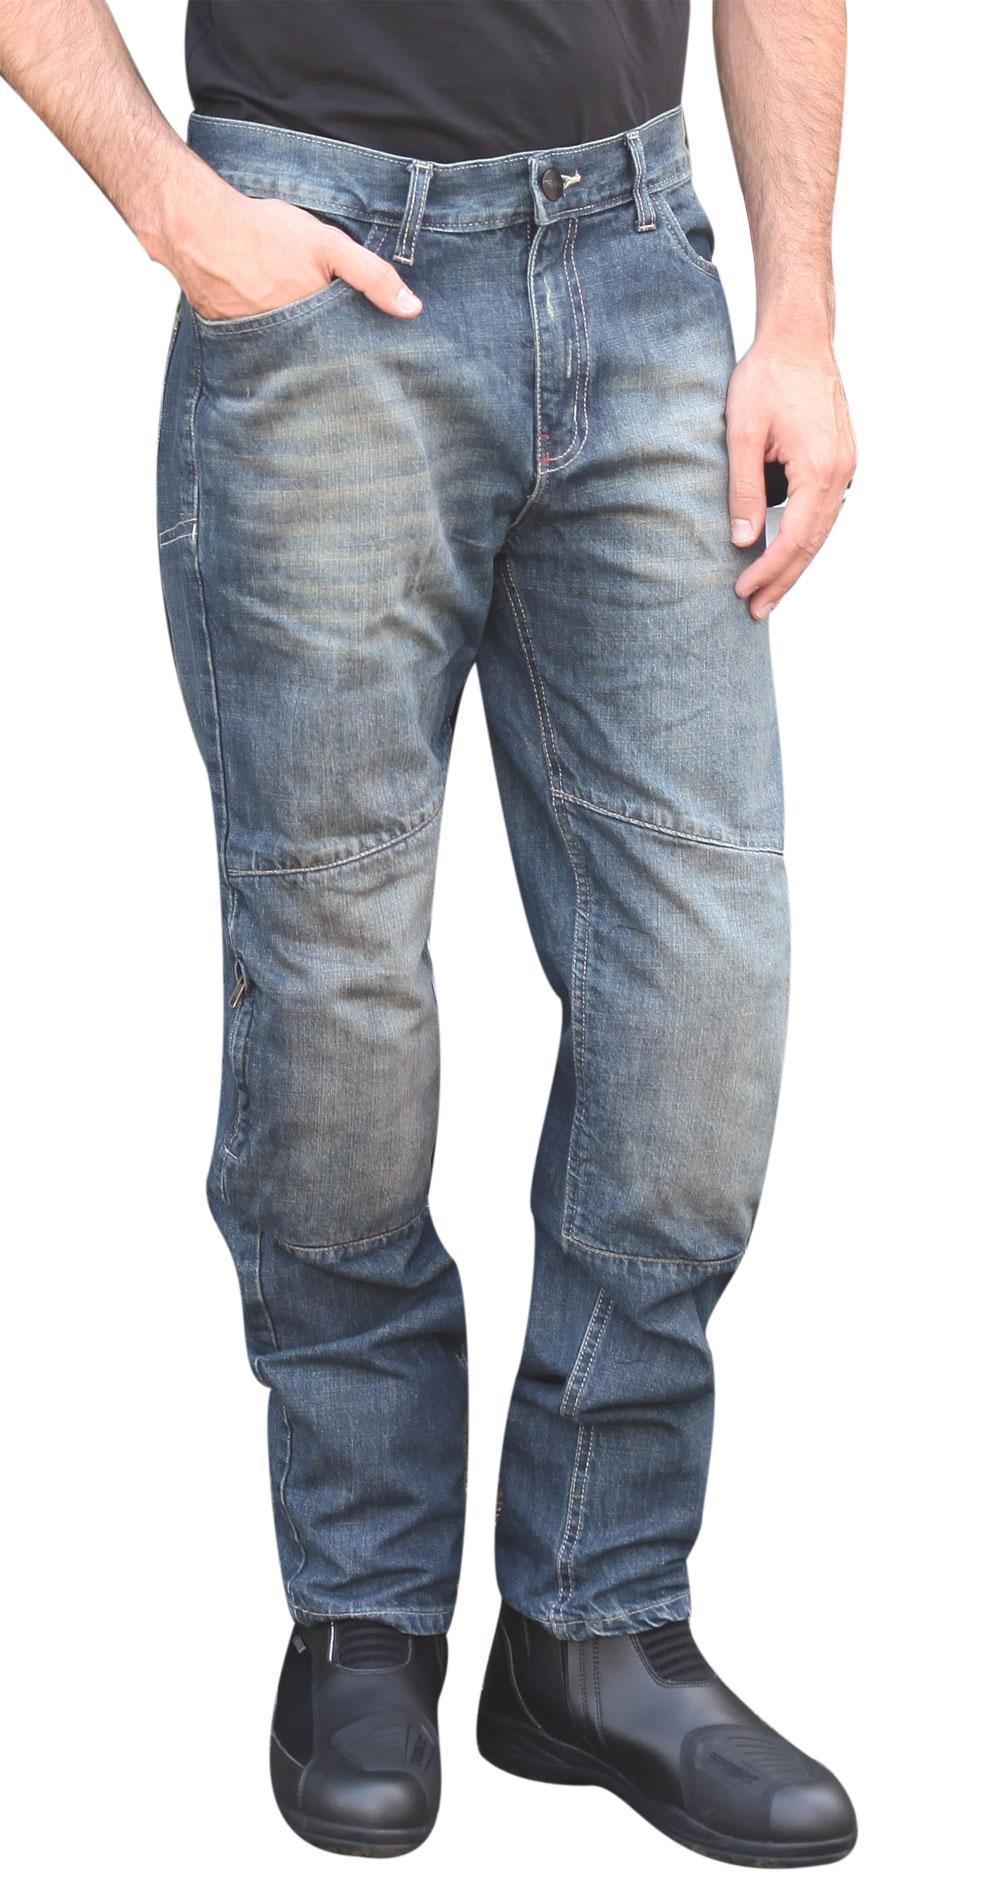 Jeans moto Befast Infinity con Kevlar e protezioni